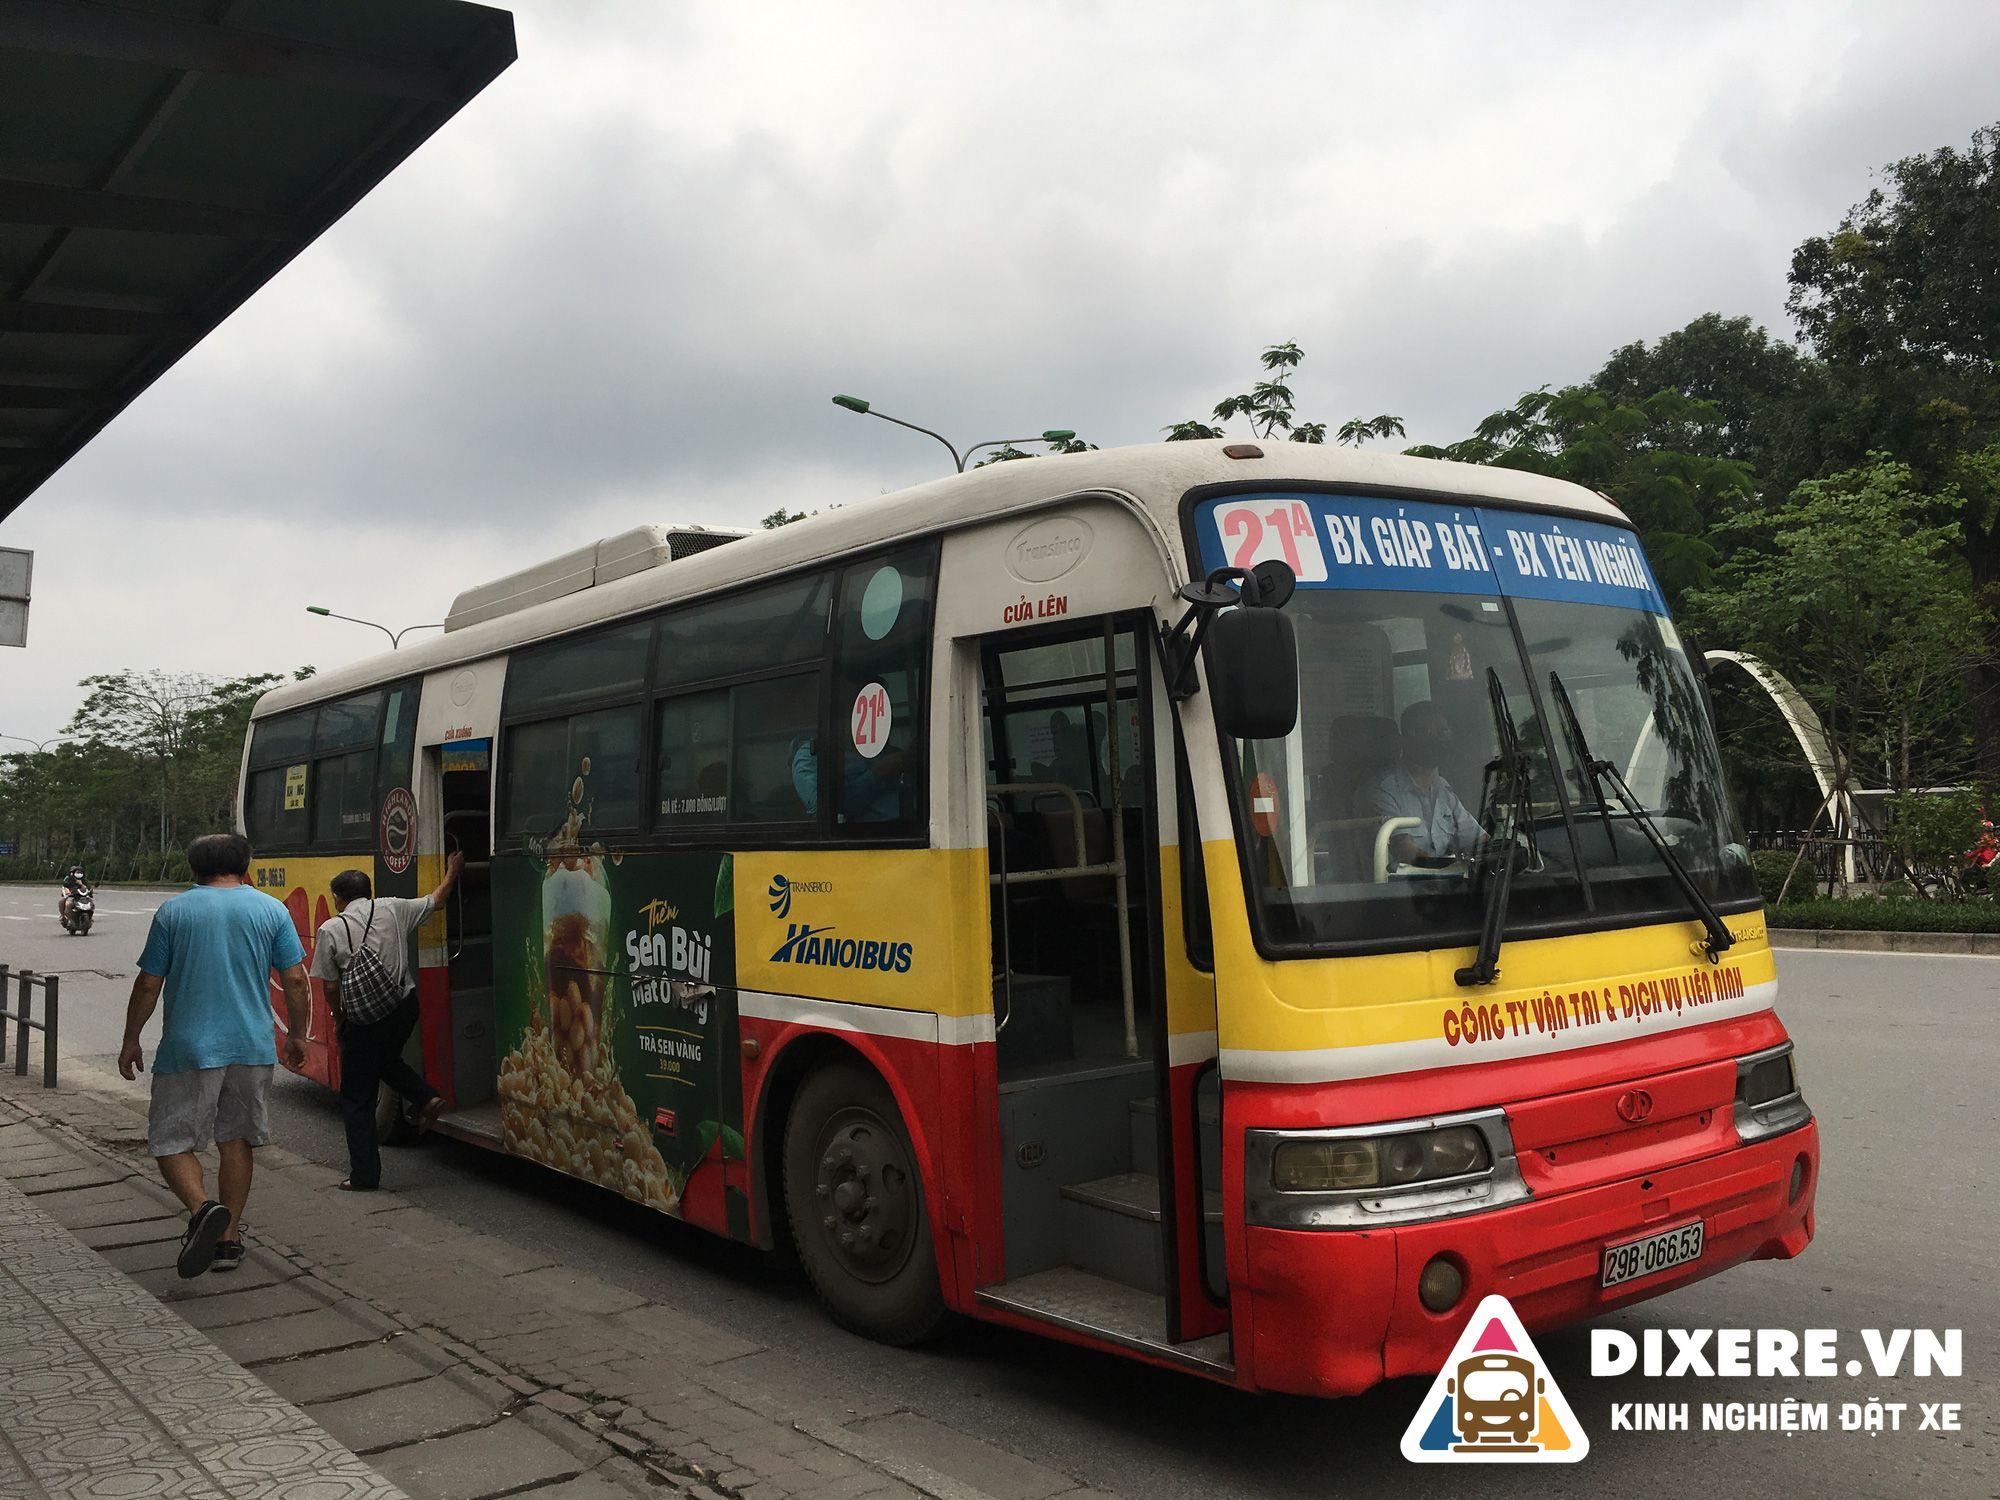 xe bus ra bến xe giáp bát